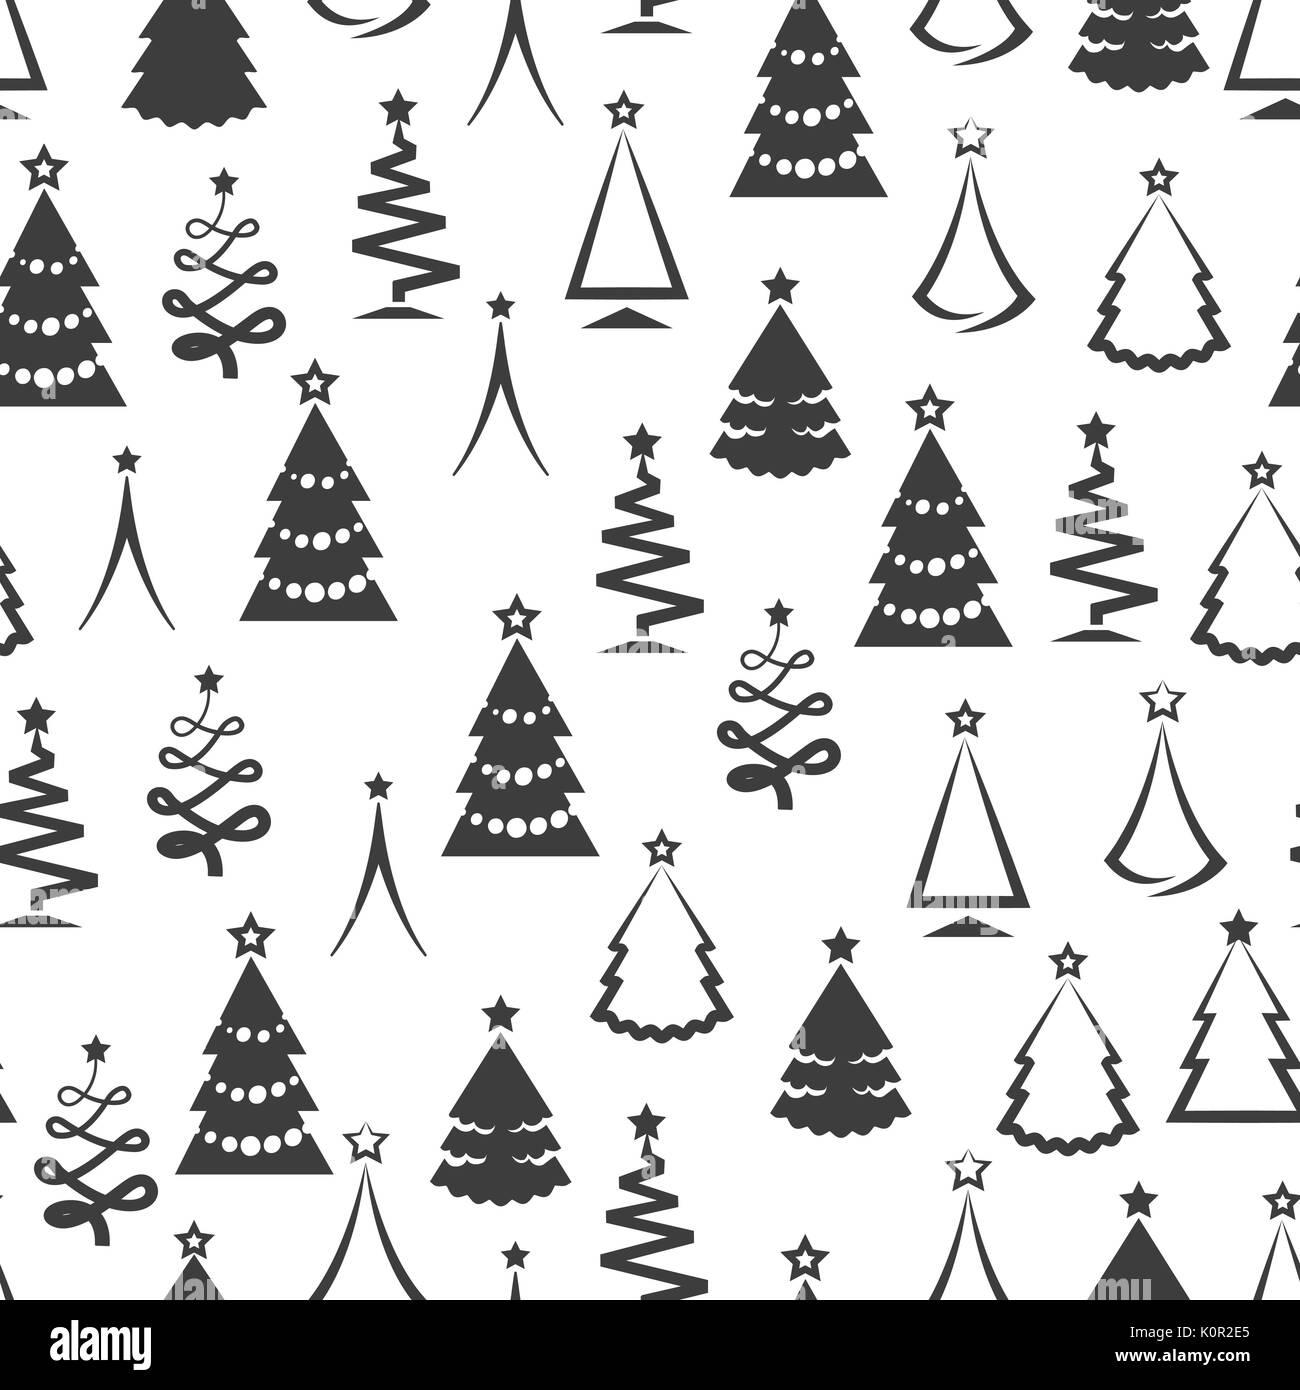 Immagini Natale In Bianco E Nero.Monochrome Albero Di Natale Seamless Pattern Nei Colori Bianco E Nero Illustrazione Vettoriale Immagine E Vettoriale Alamy